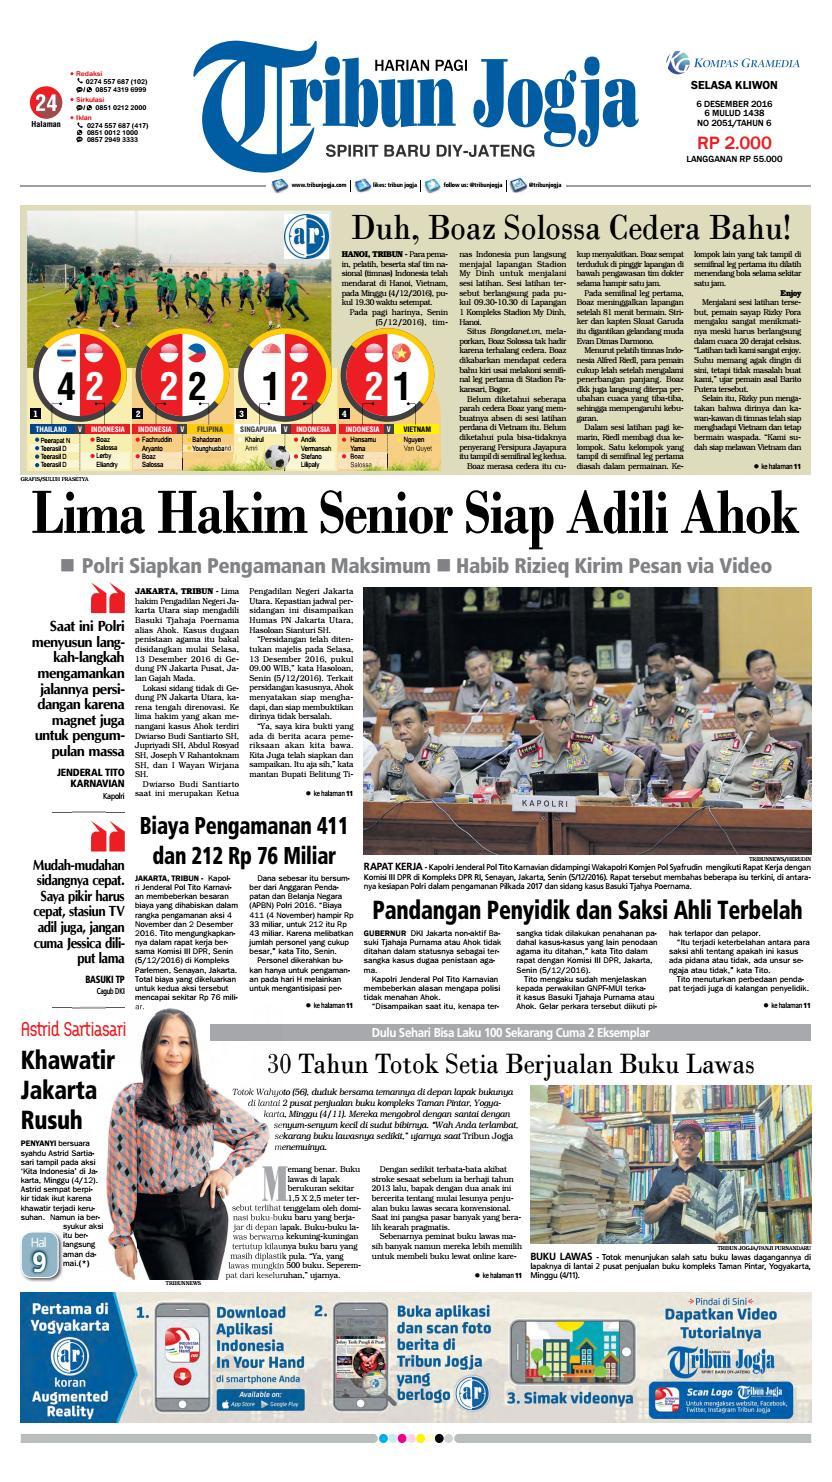 Tribunjogja 06 12 2016 By Tribun Jogja Issuu Produk Ukm Bumn Pusaka Coffee 15 Pcs Kopi Herbal Nusantara Free Ongkir Depok Ampamp Jakarta